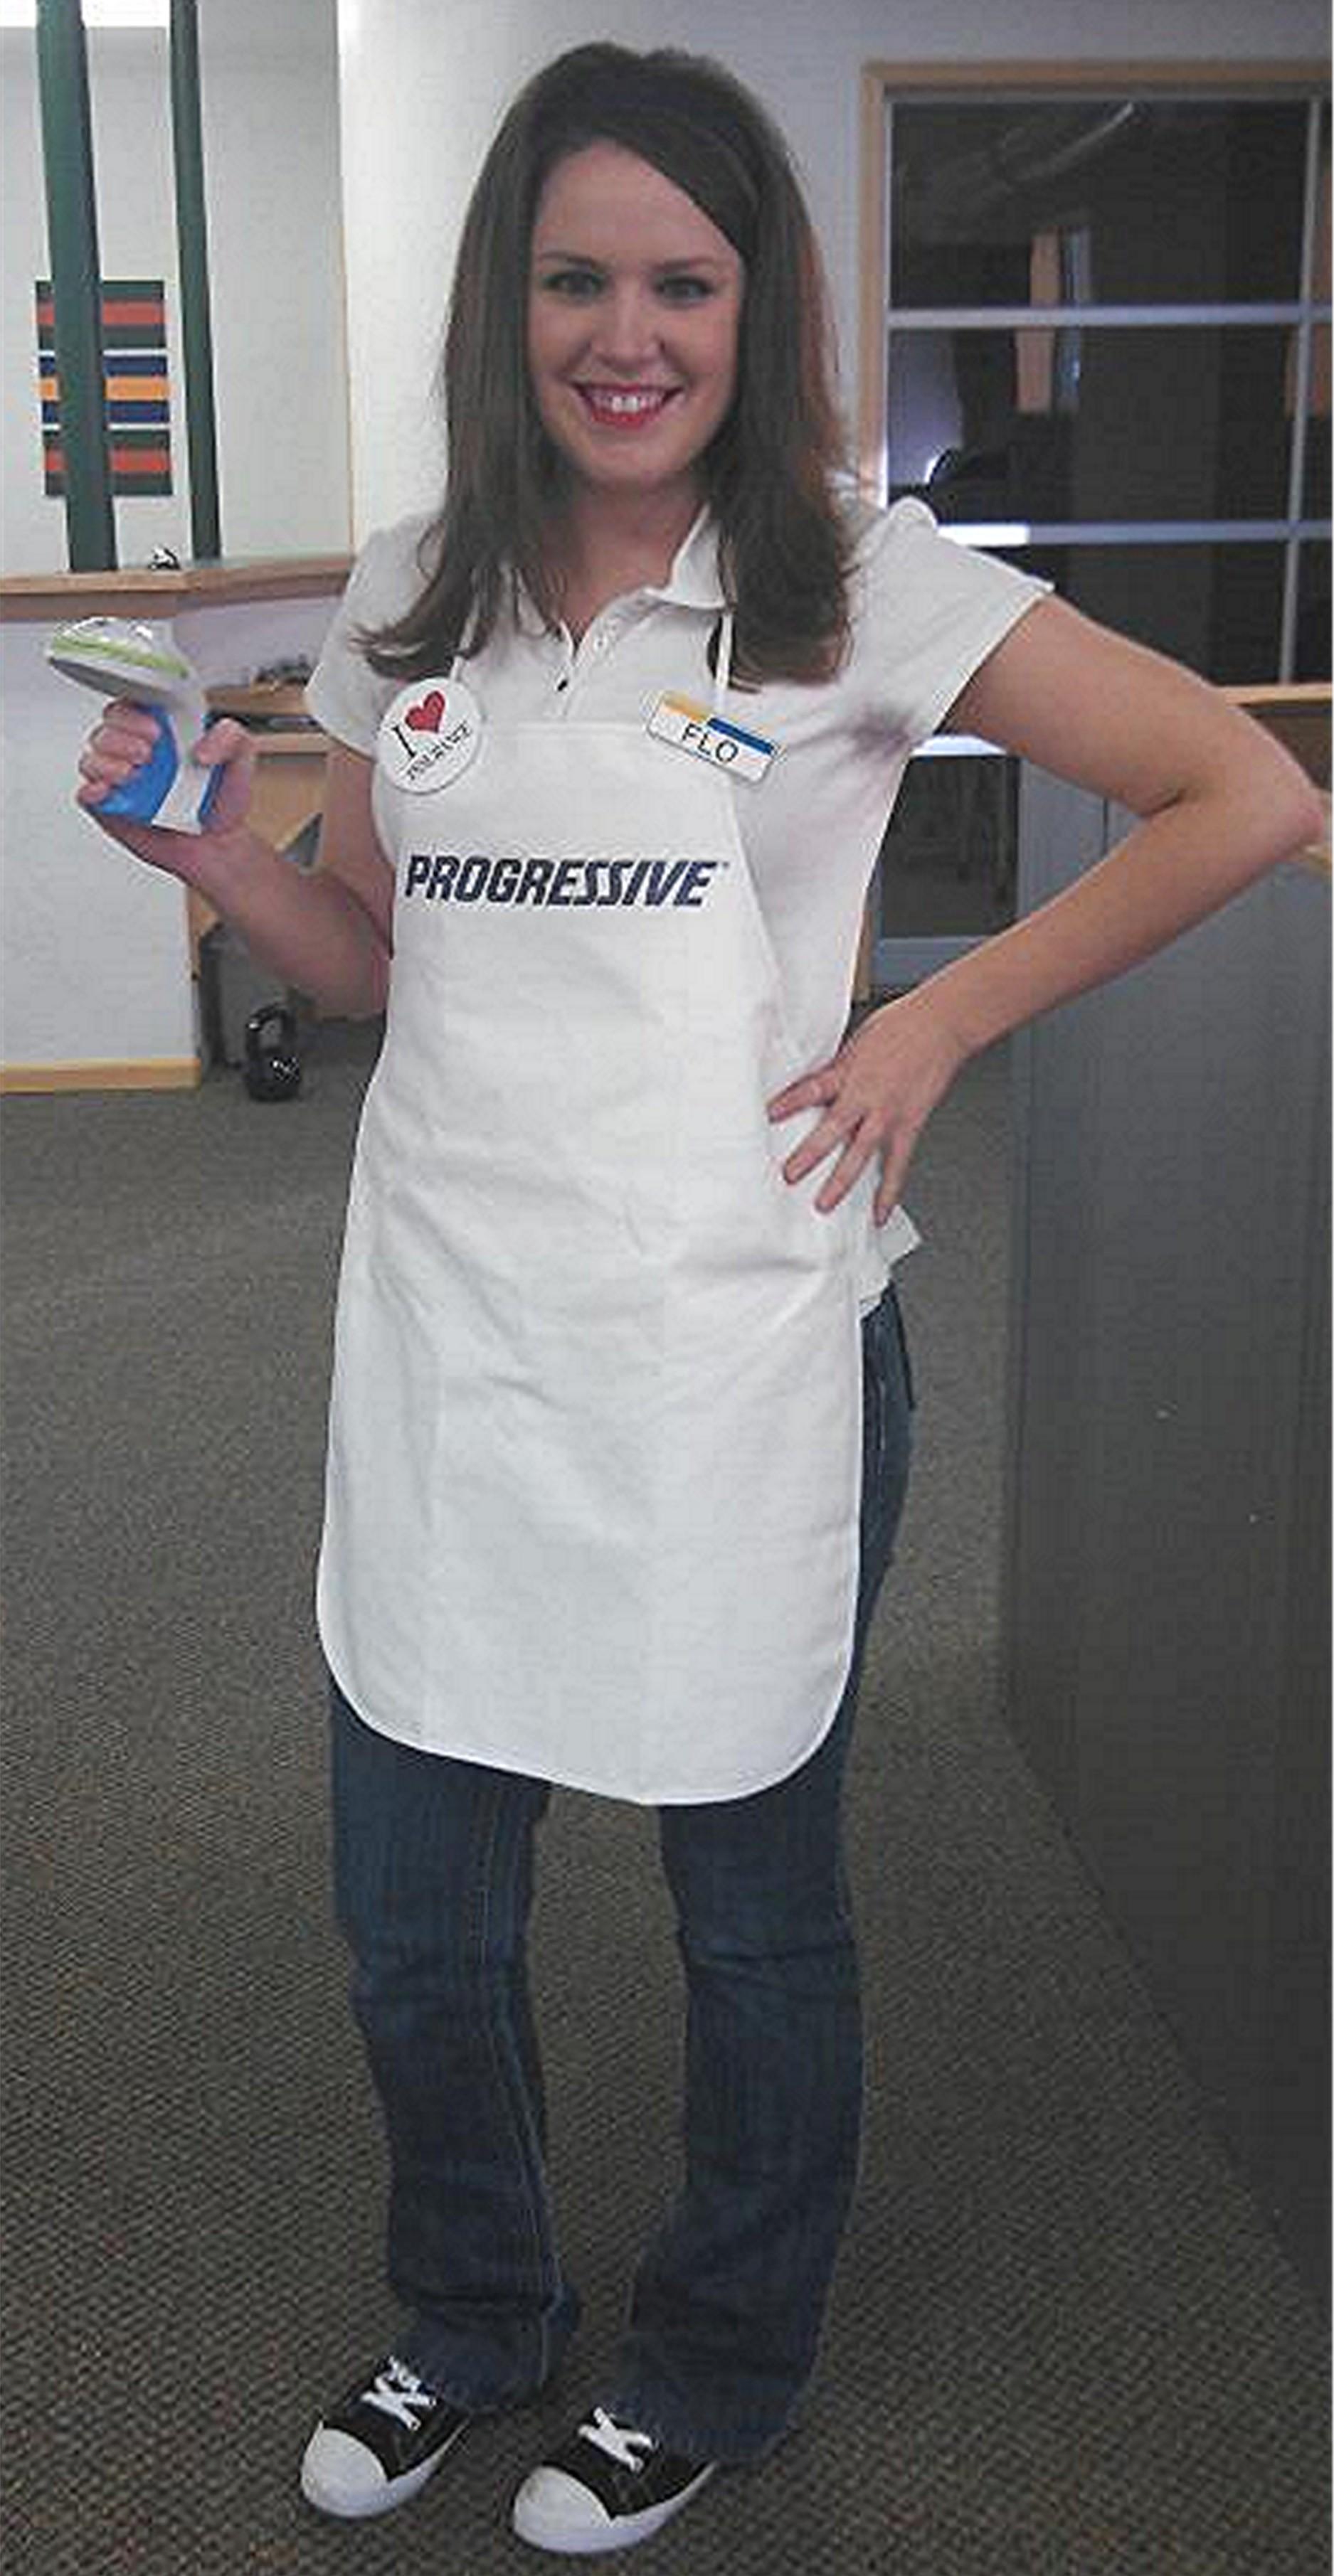 White apron progressive - Flo Bot